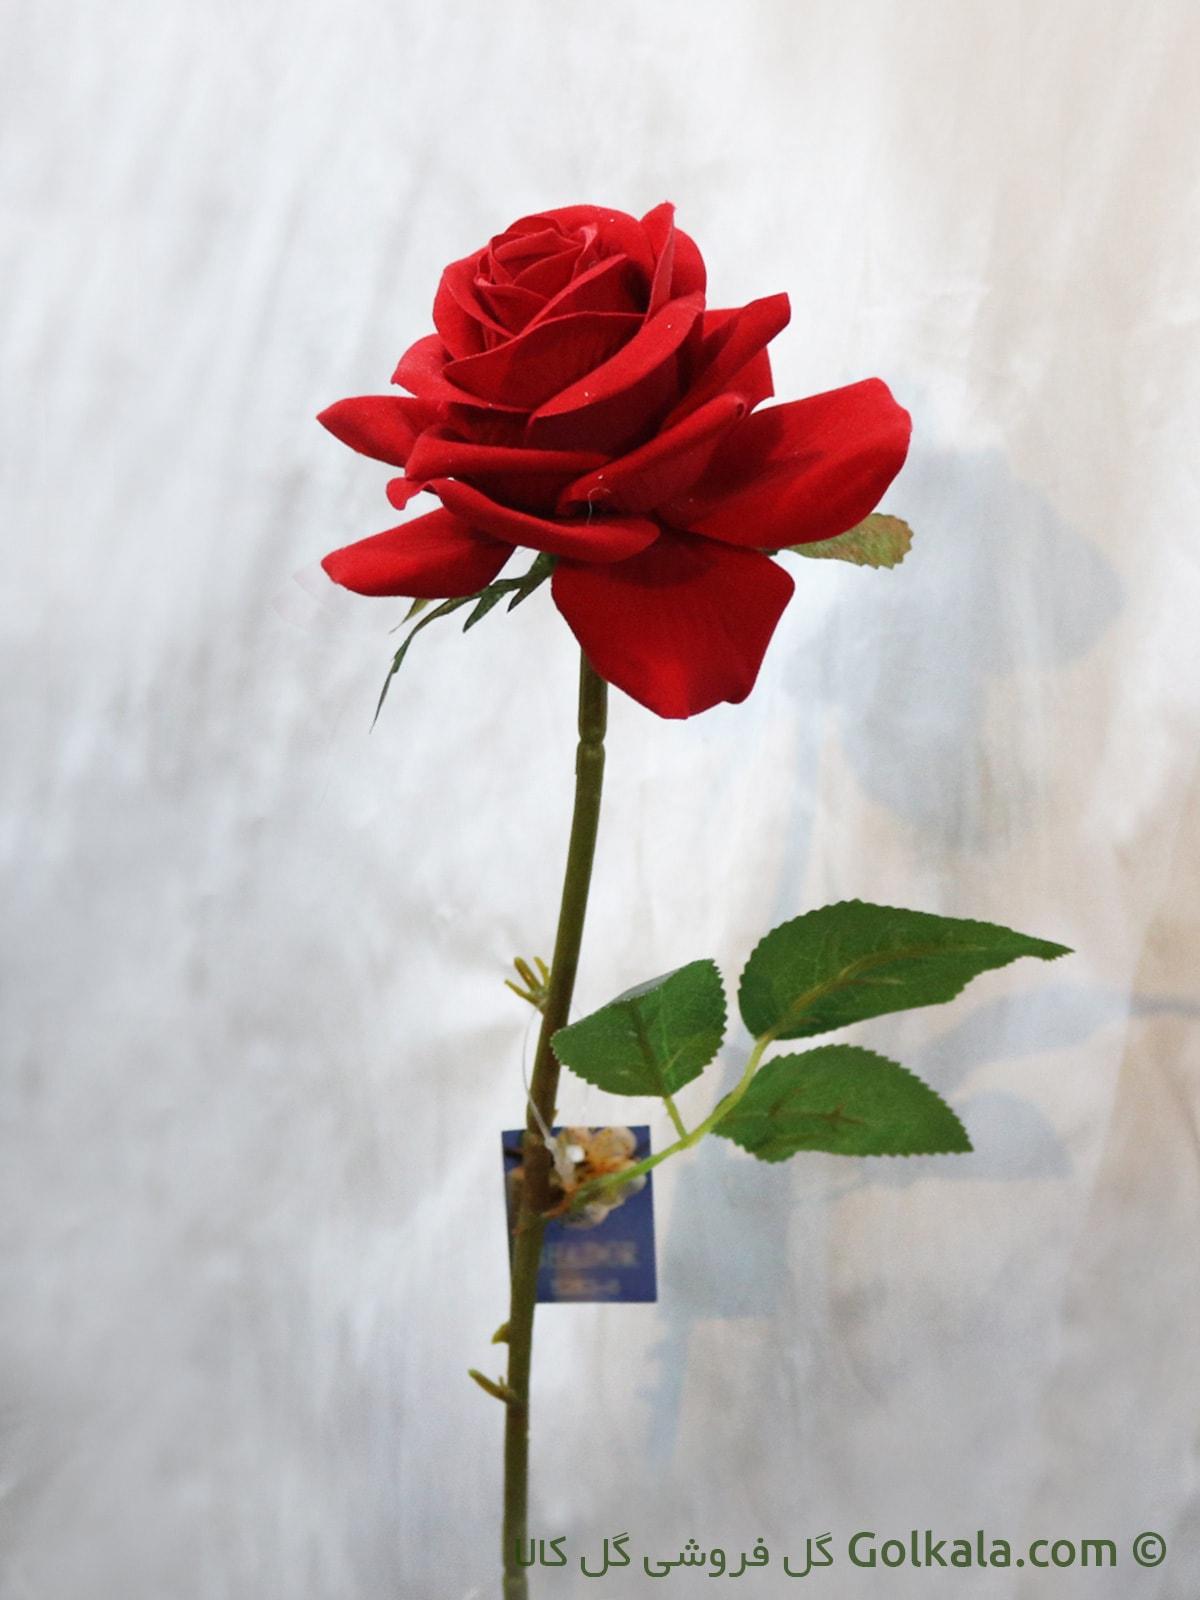 شاخه گل - گل رز مصنوعی